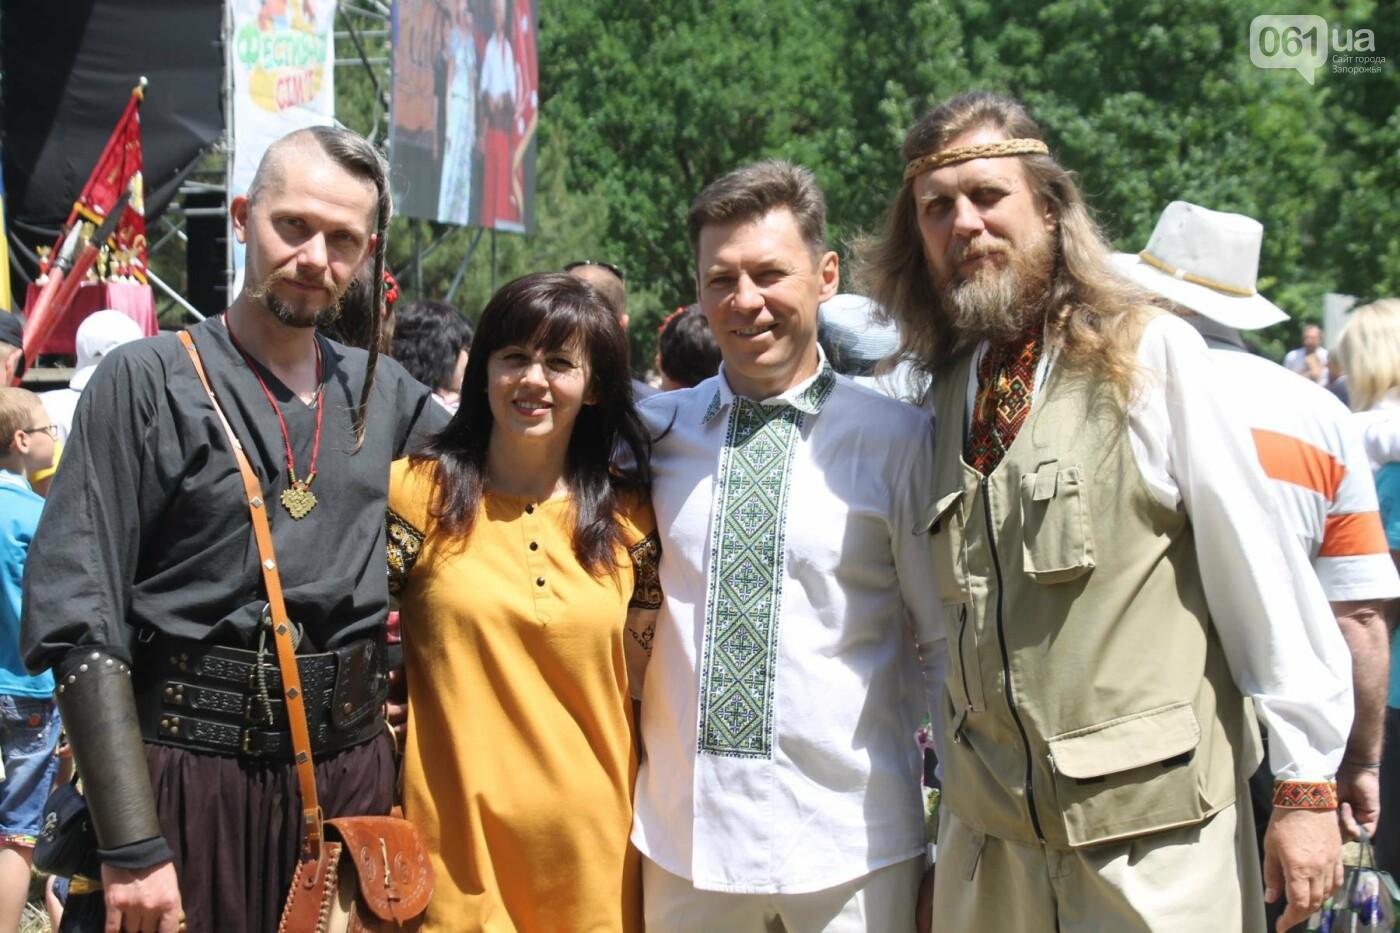 «Лава на лаву», борьба на поясах и ярмарка вышиванок: как в Запорожье прошли всеукраинские казацкие игры, – ФОТОРЕПОРТАЖ, фото-39